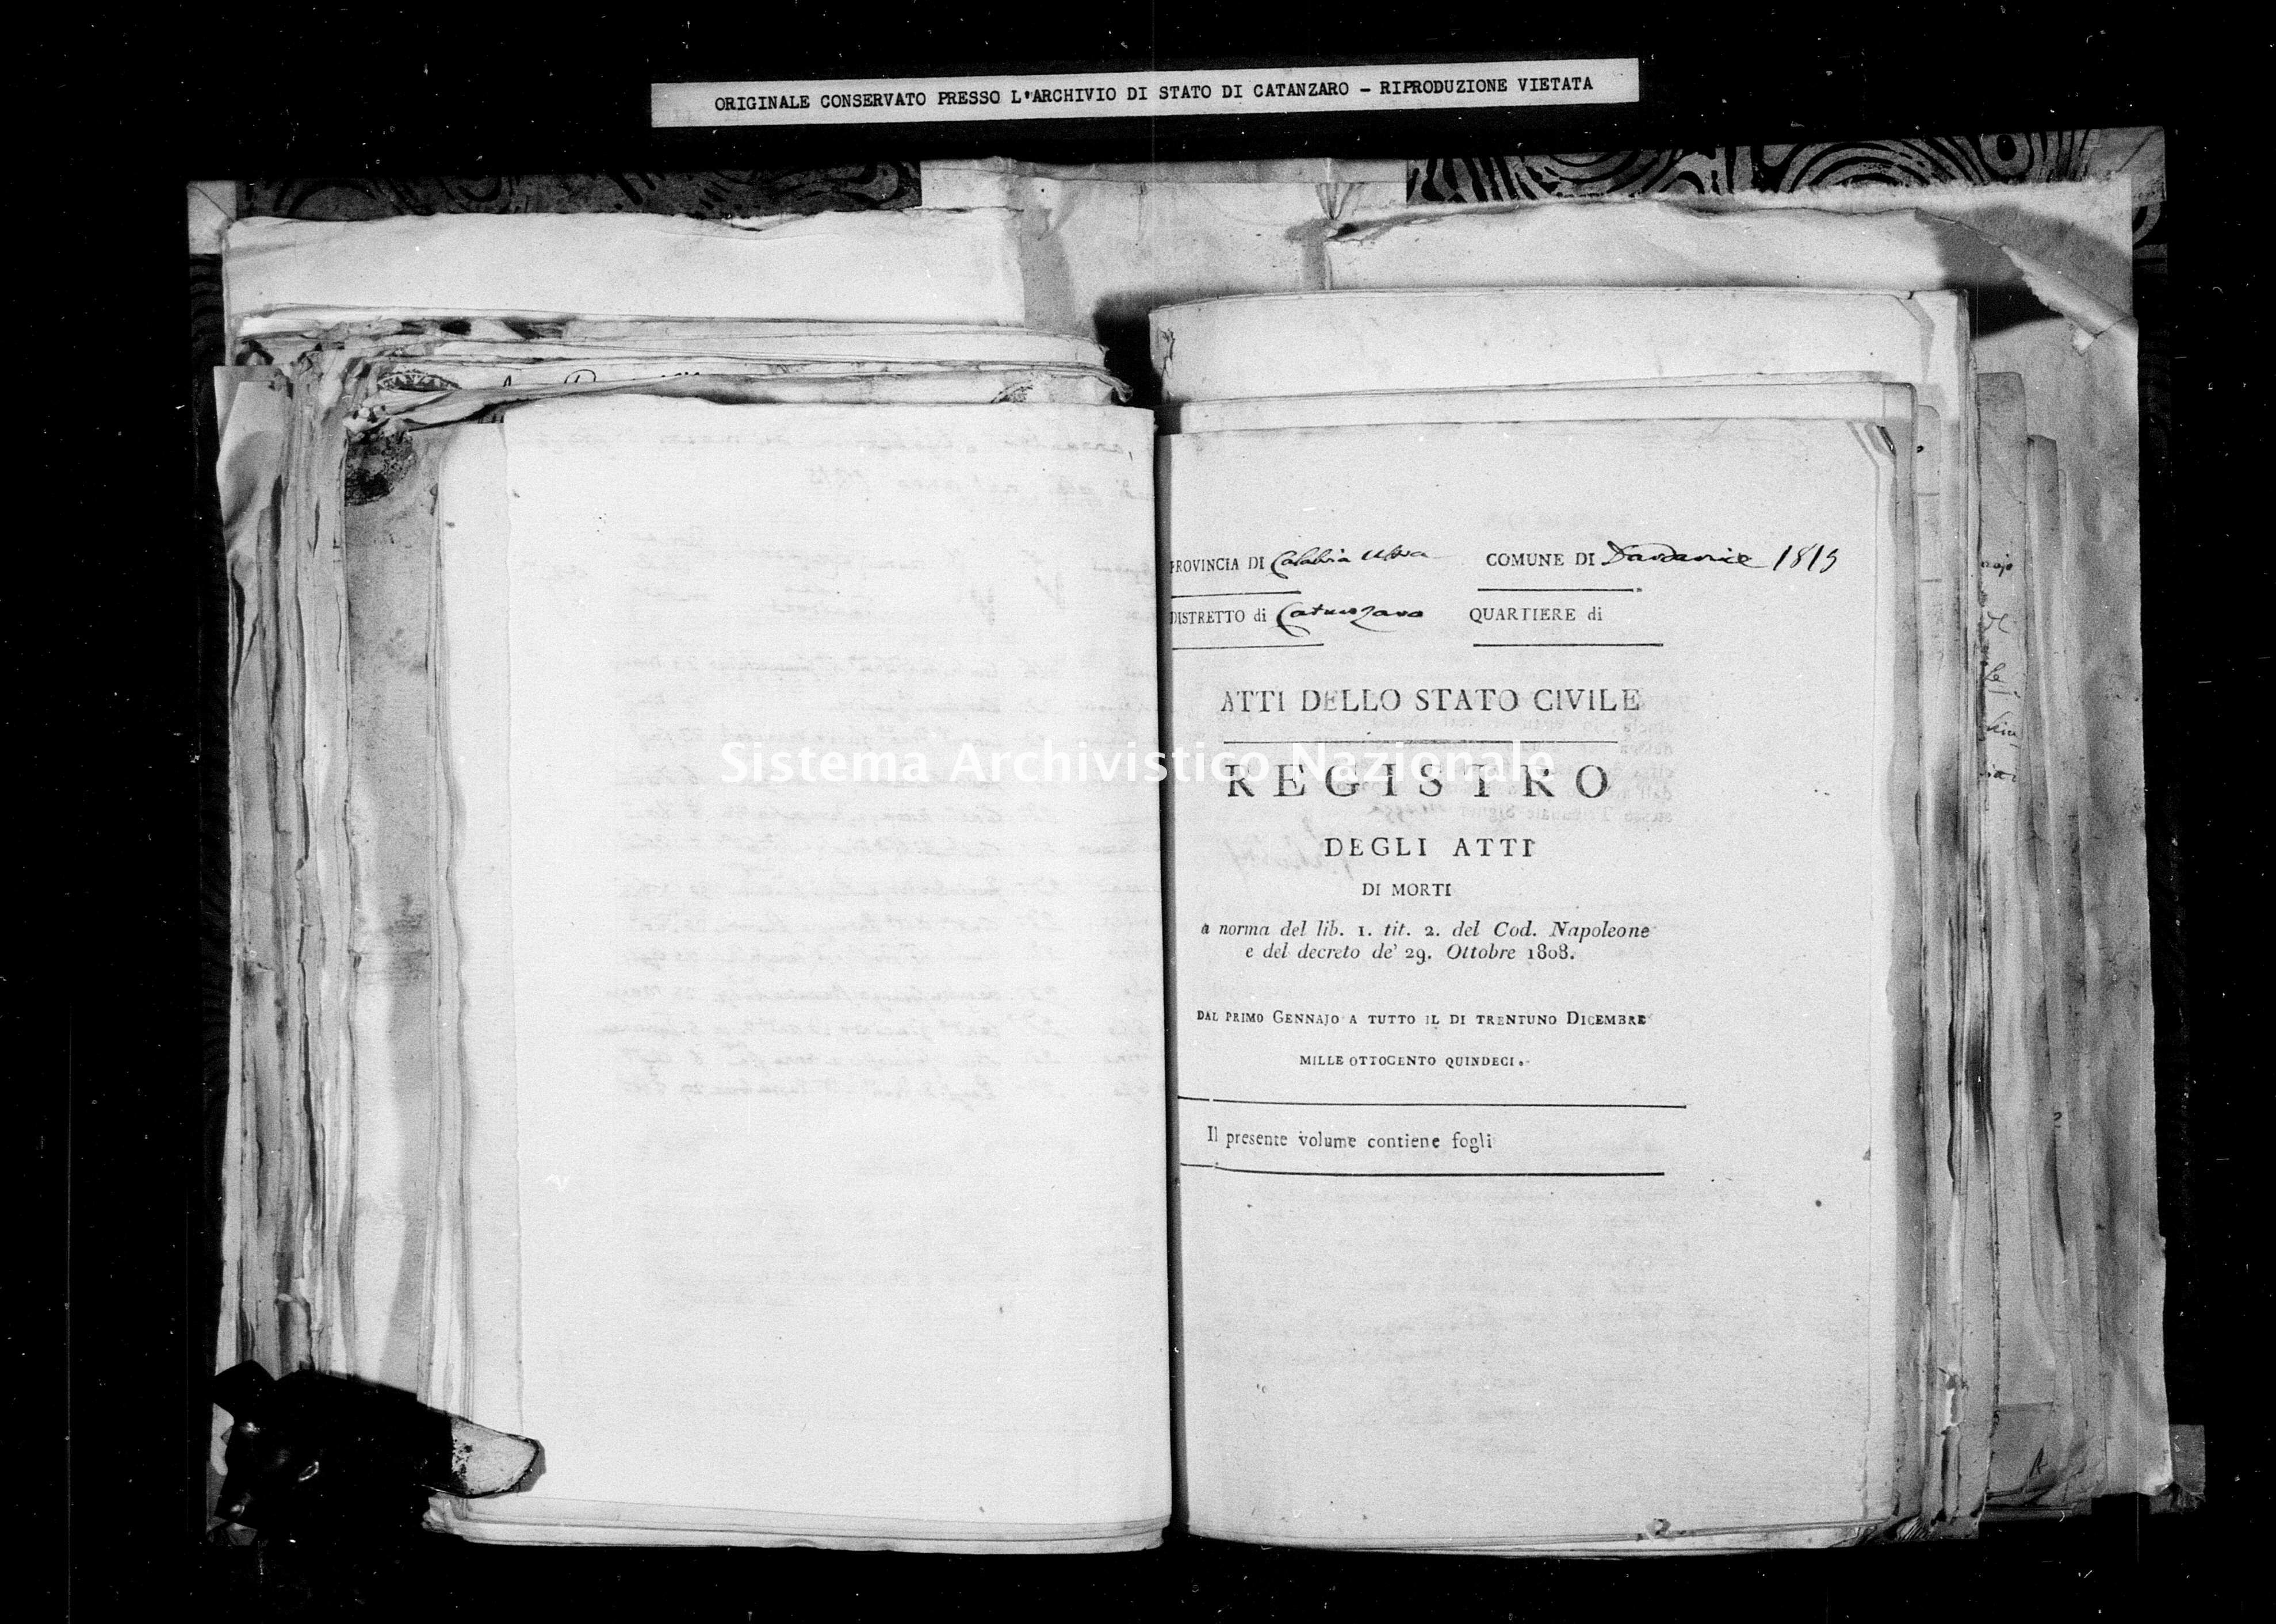 Archivio di stato di Catanzaro - Stato civile italiano - Dardanise - Morti - 1815 -